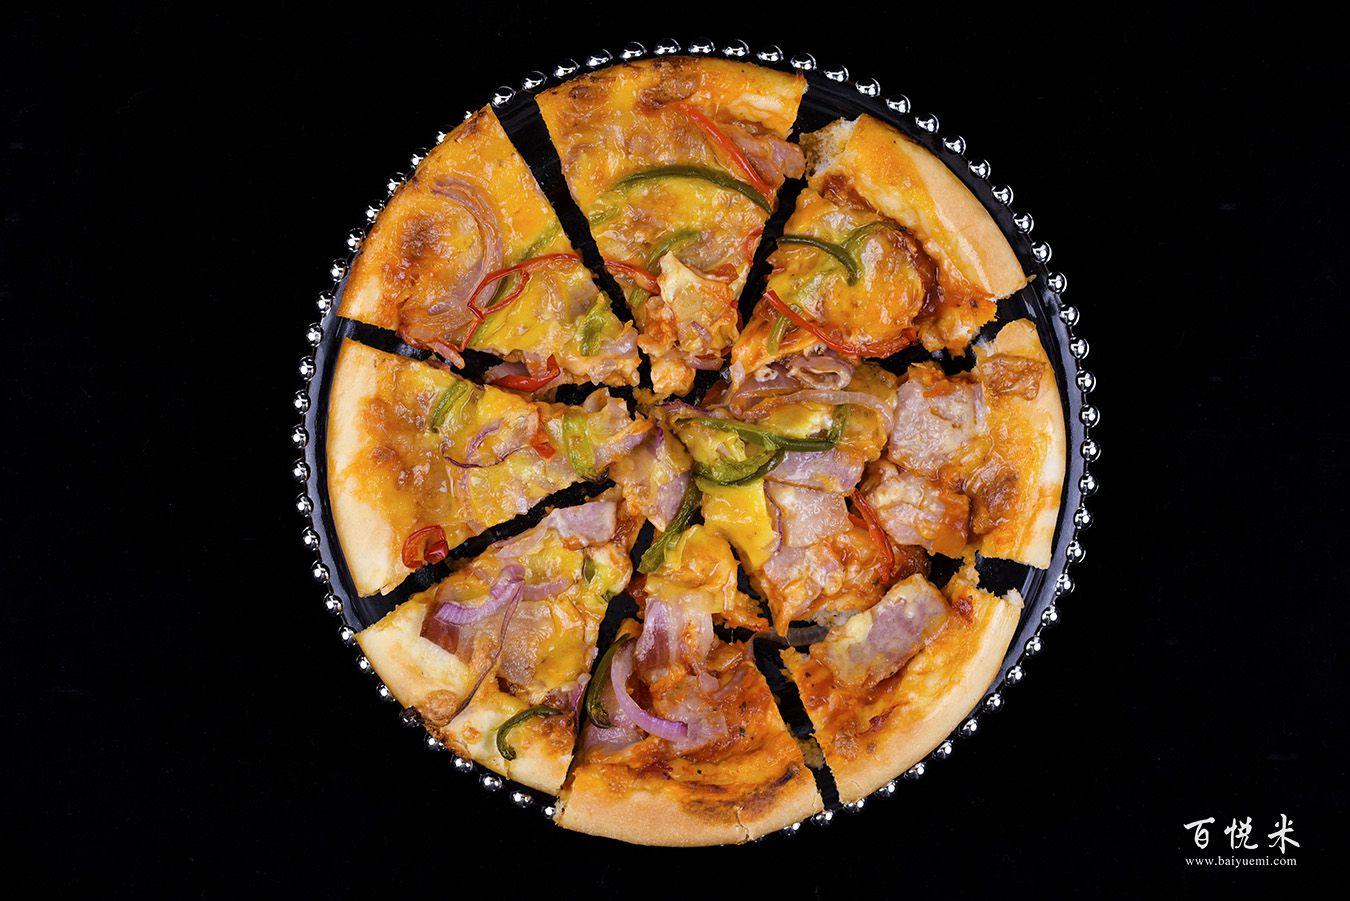 培根至尊披萨高清图片大全【蛋糕图片】_1183